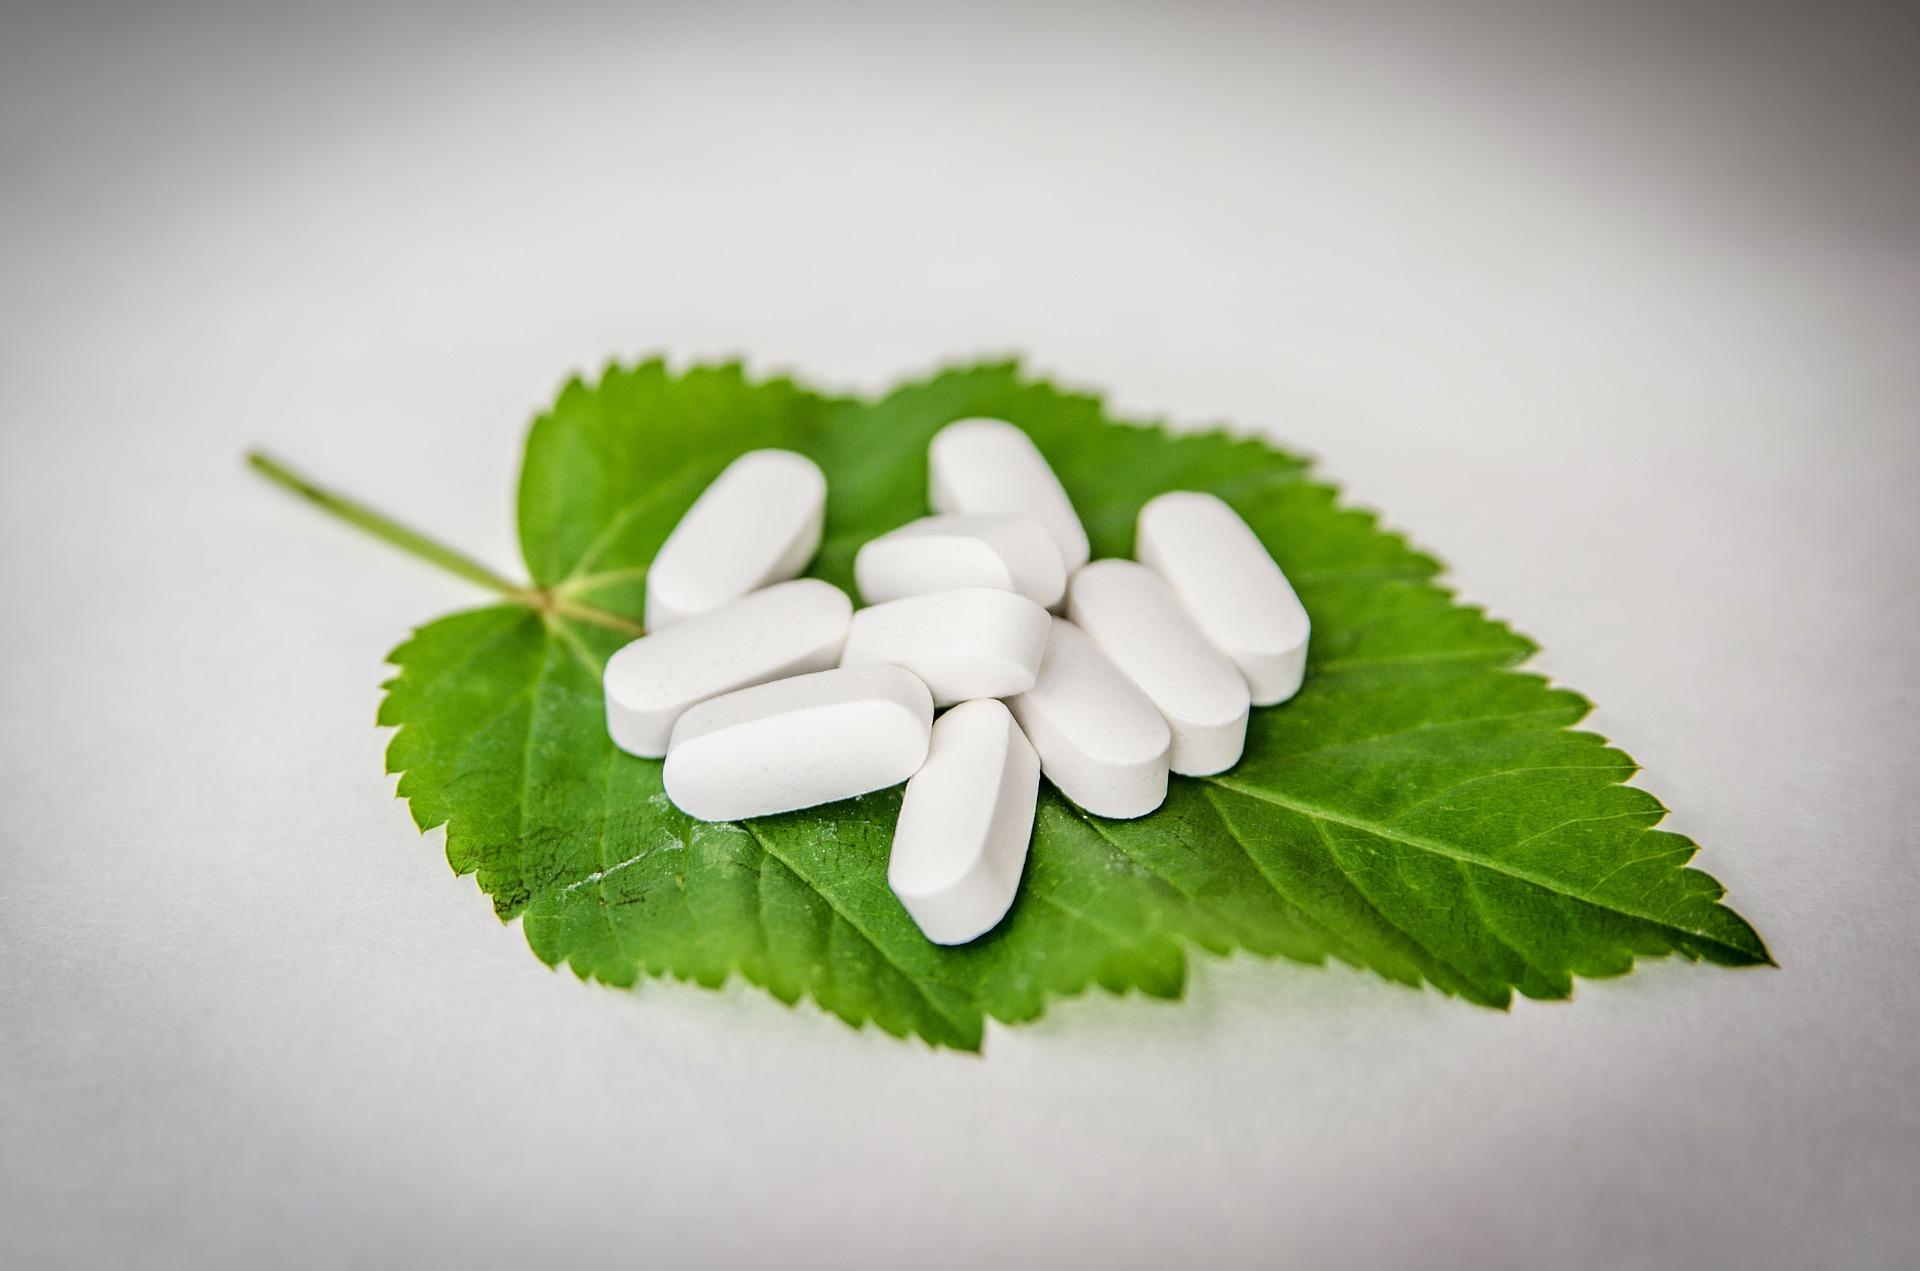 ラシックス錠の効果を具体的に患者様へお伝えする